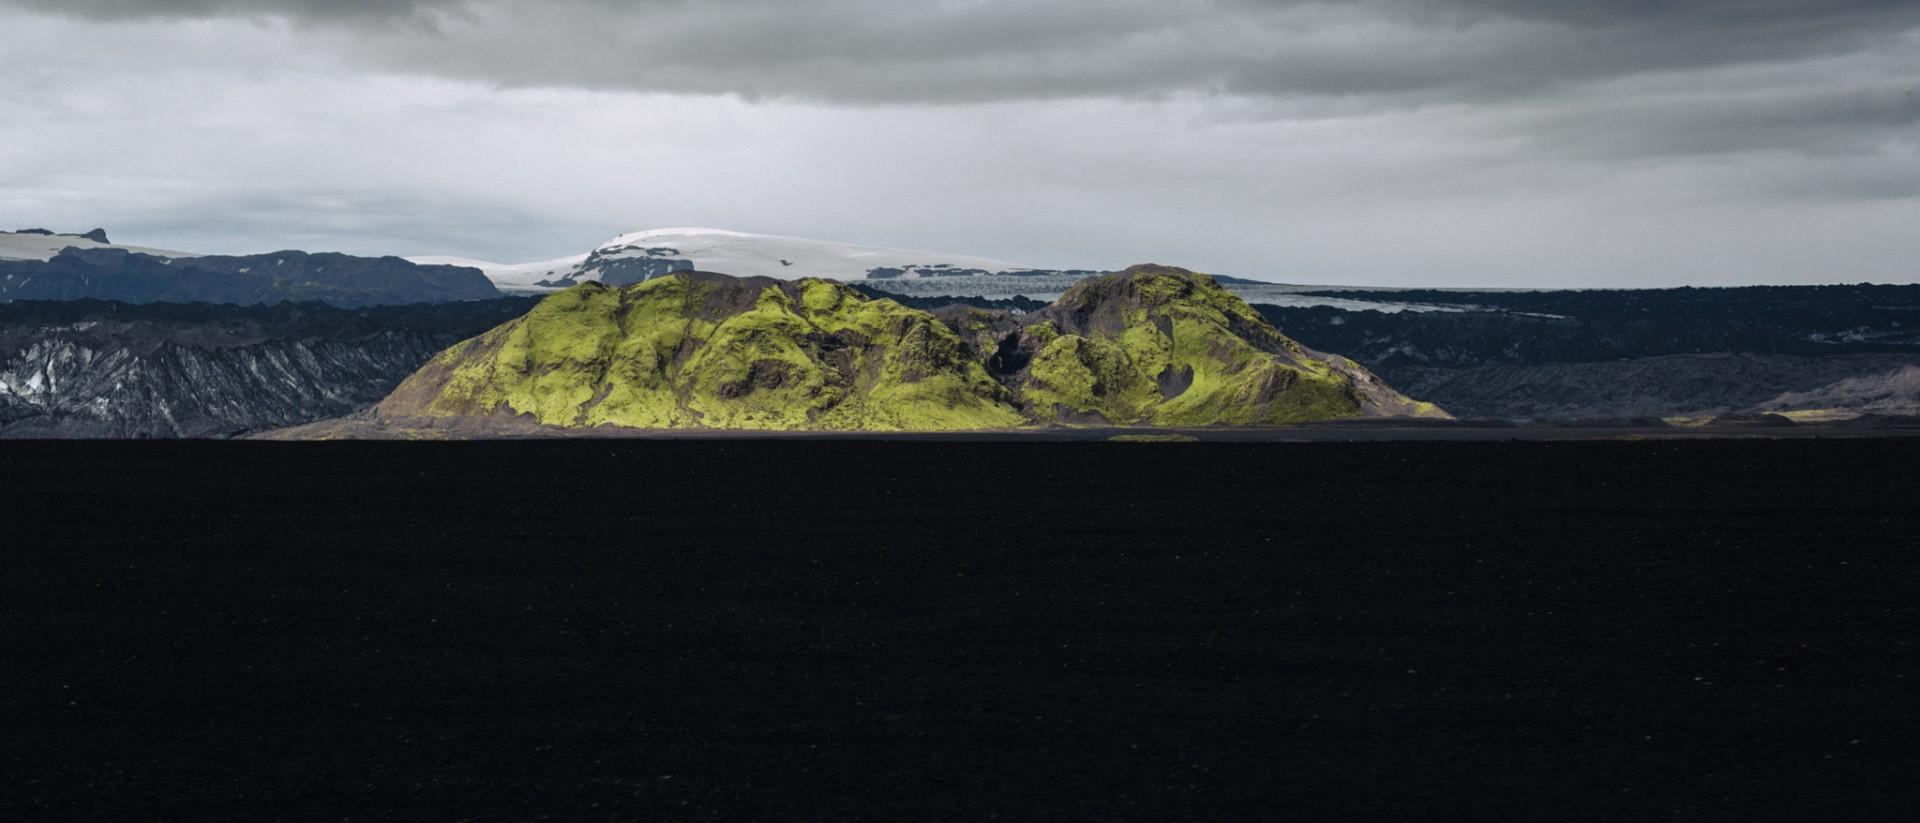 FREUDENREICH HERCULES / ICELAND